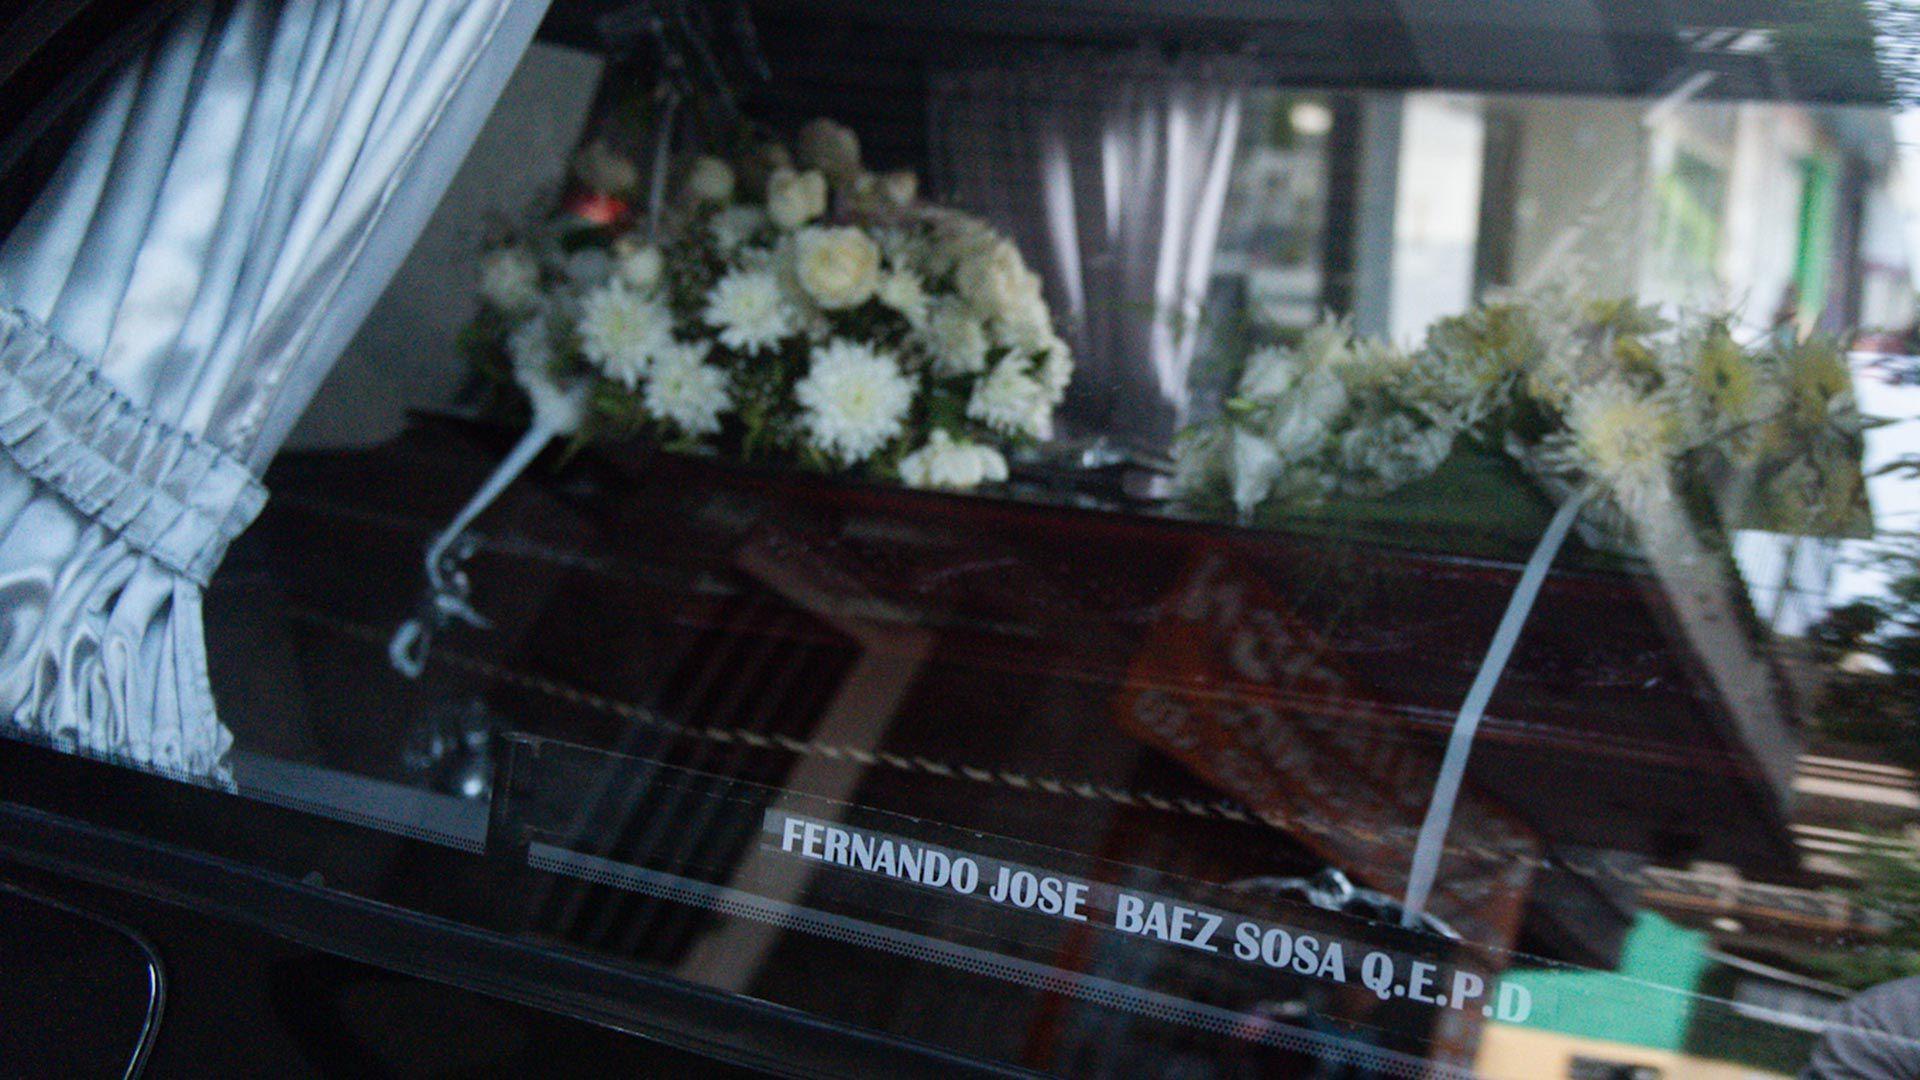 Familiares, amigos y la novia de Fernando Báez Sosa despidieron los restos del joven en el cementerio de Chacarita (Adrián Escandar)